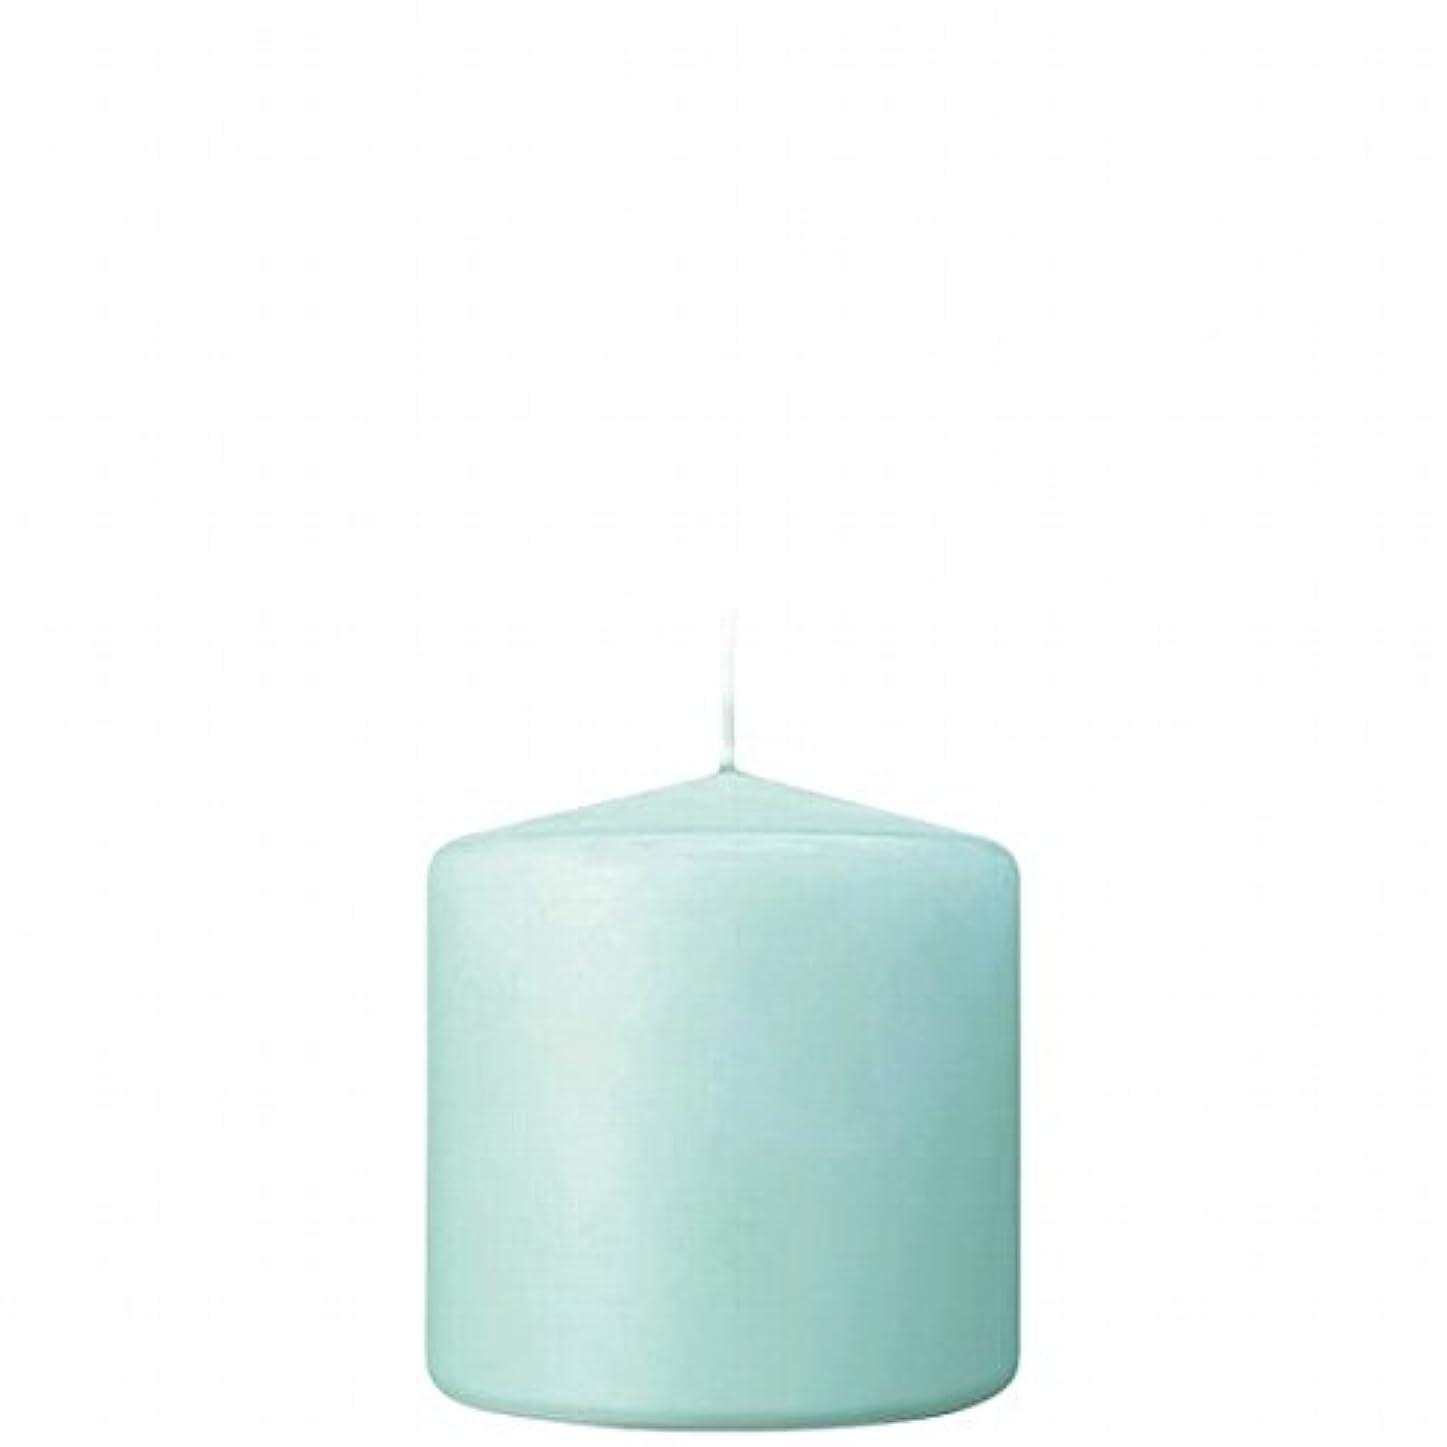 捧げる梨秘密のカメヤマキャンドル(kameyama candle) 3×3ベルトップピラーキャンドル 「 ライトブルー 」